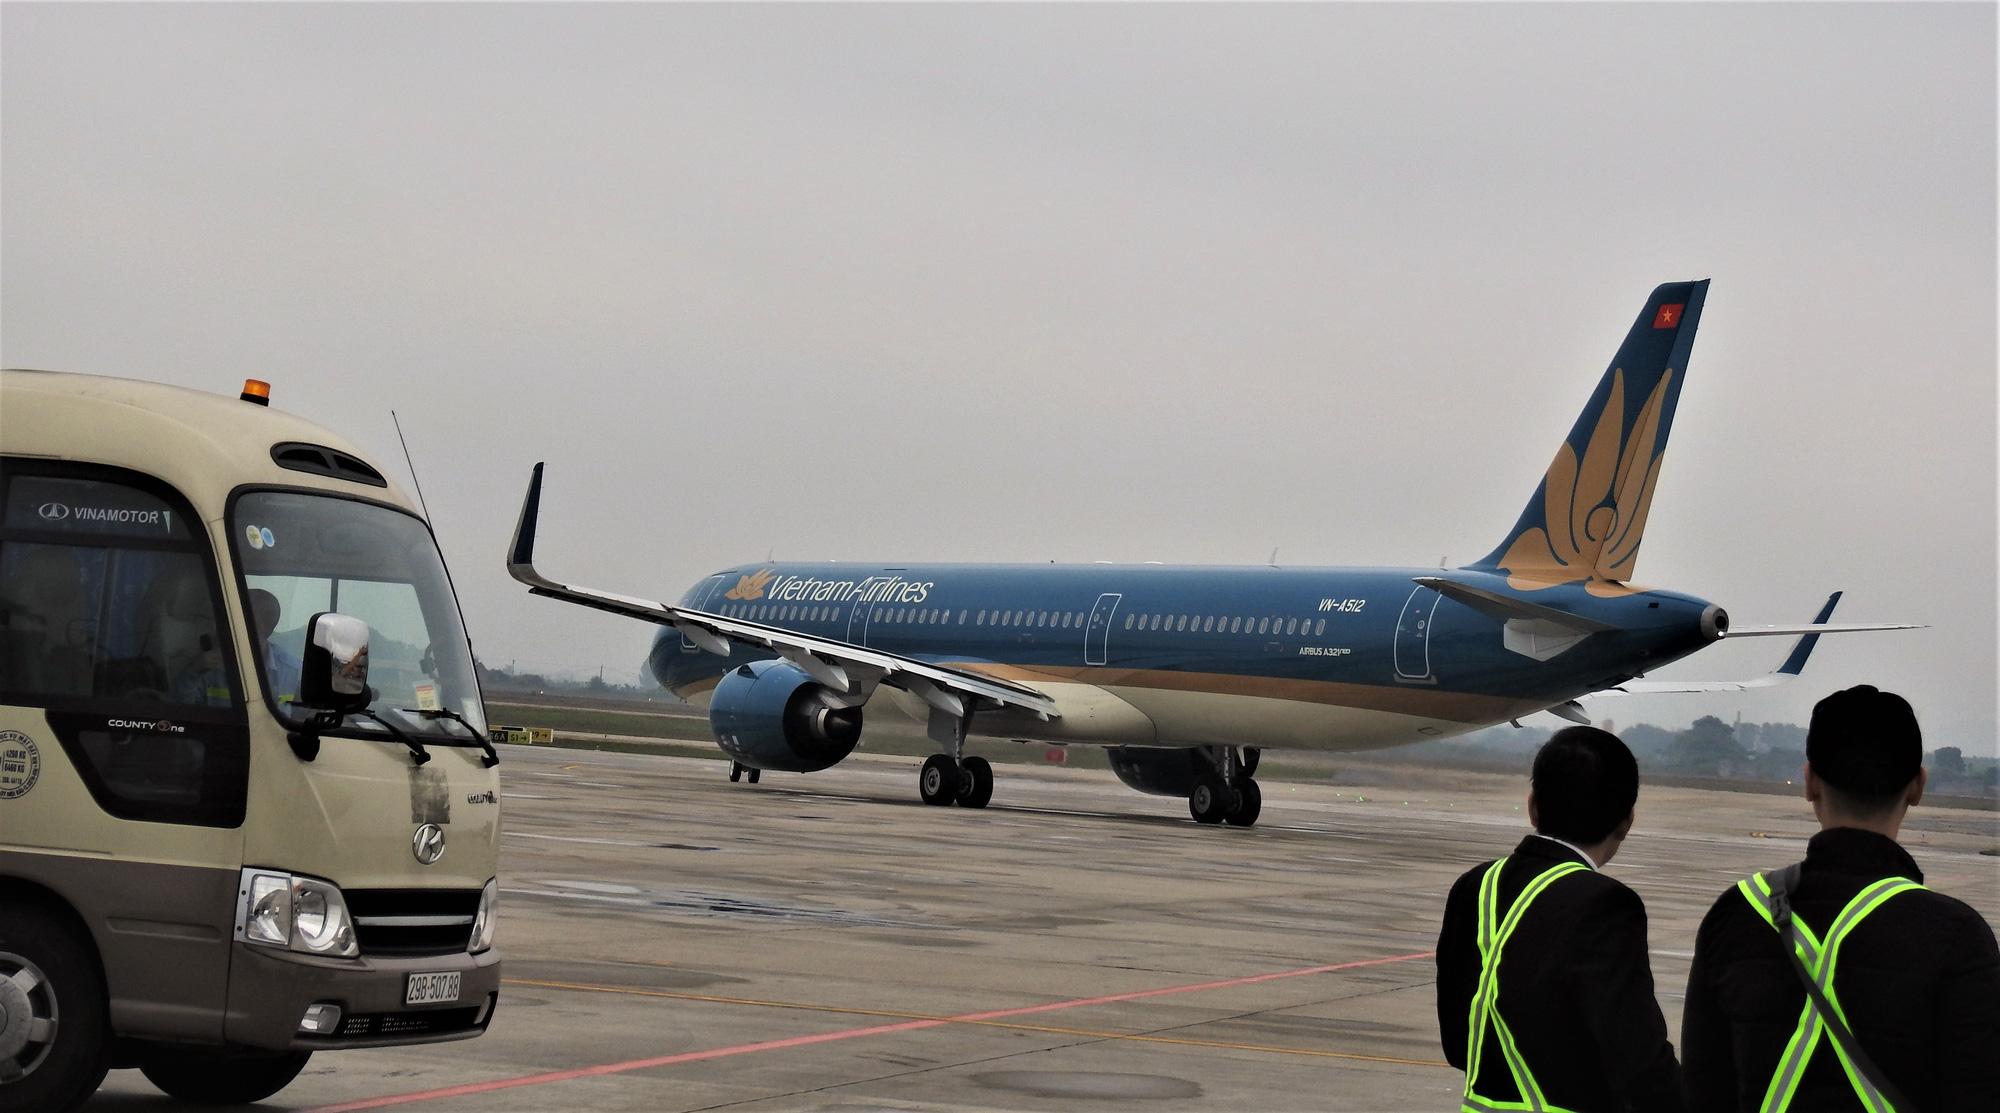 CEO Vietnam Airlines viết tâm thư gửi cán bộ nhân viên sau khi một tiếp viên nhiễm COVID-19 - Ảnh 1.